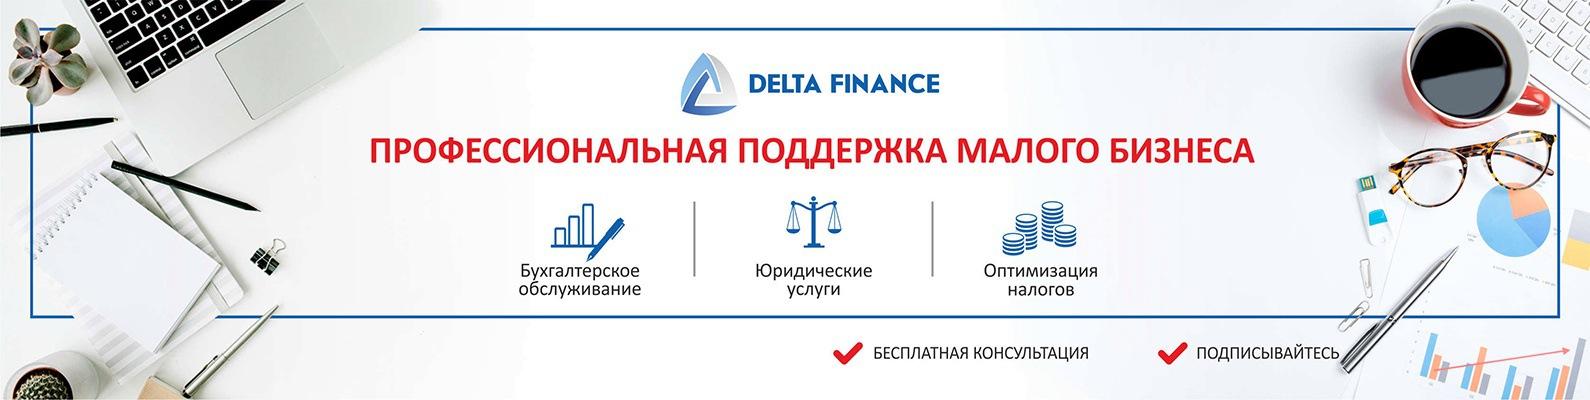 Что такое дельта в бухгалтерии какие документы нужны для ип при регистрации 2019